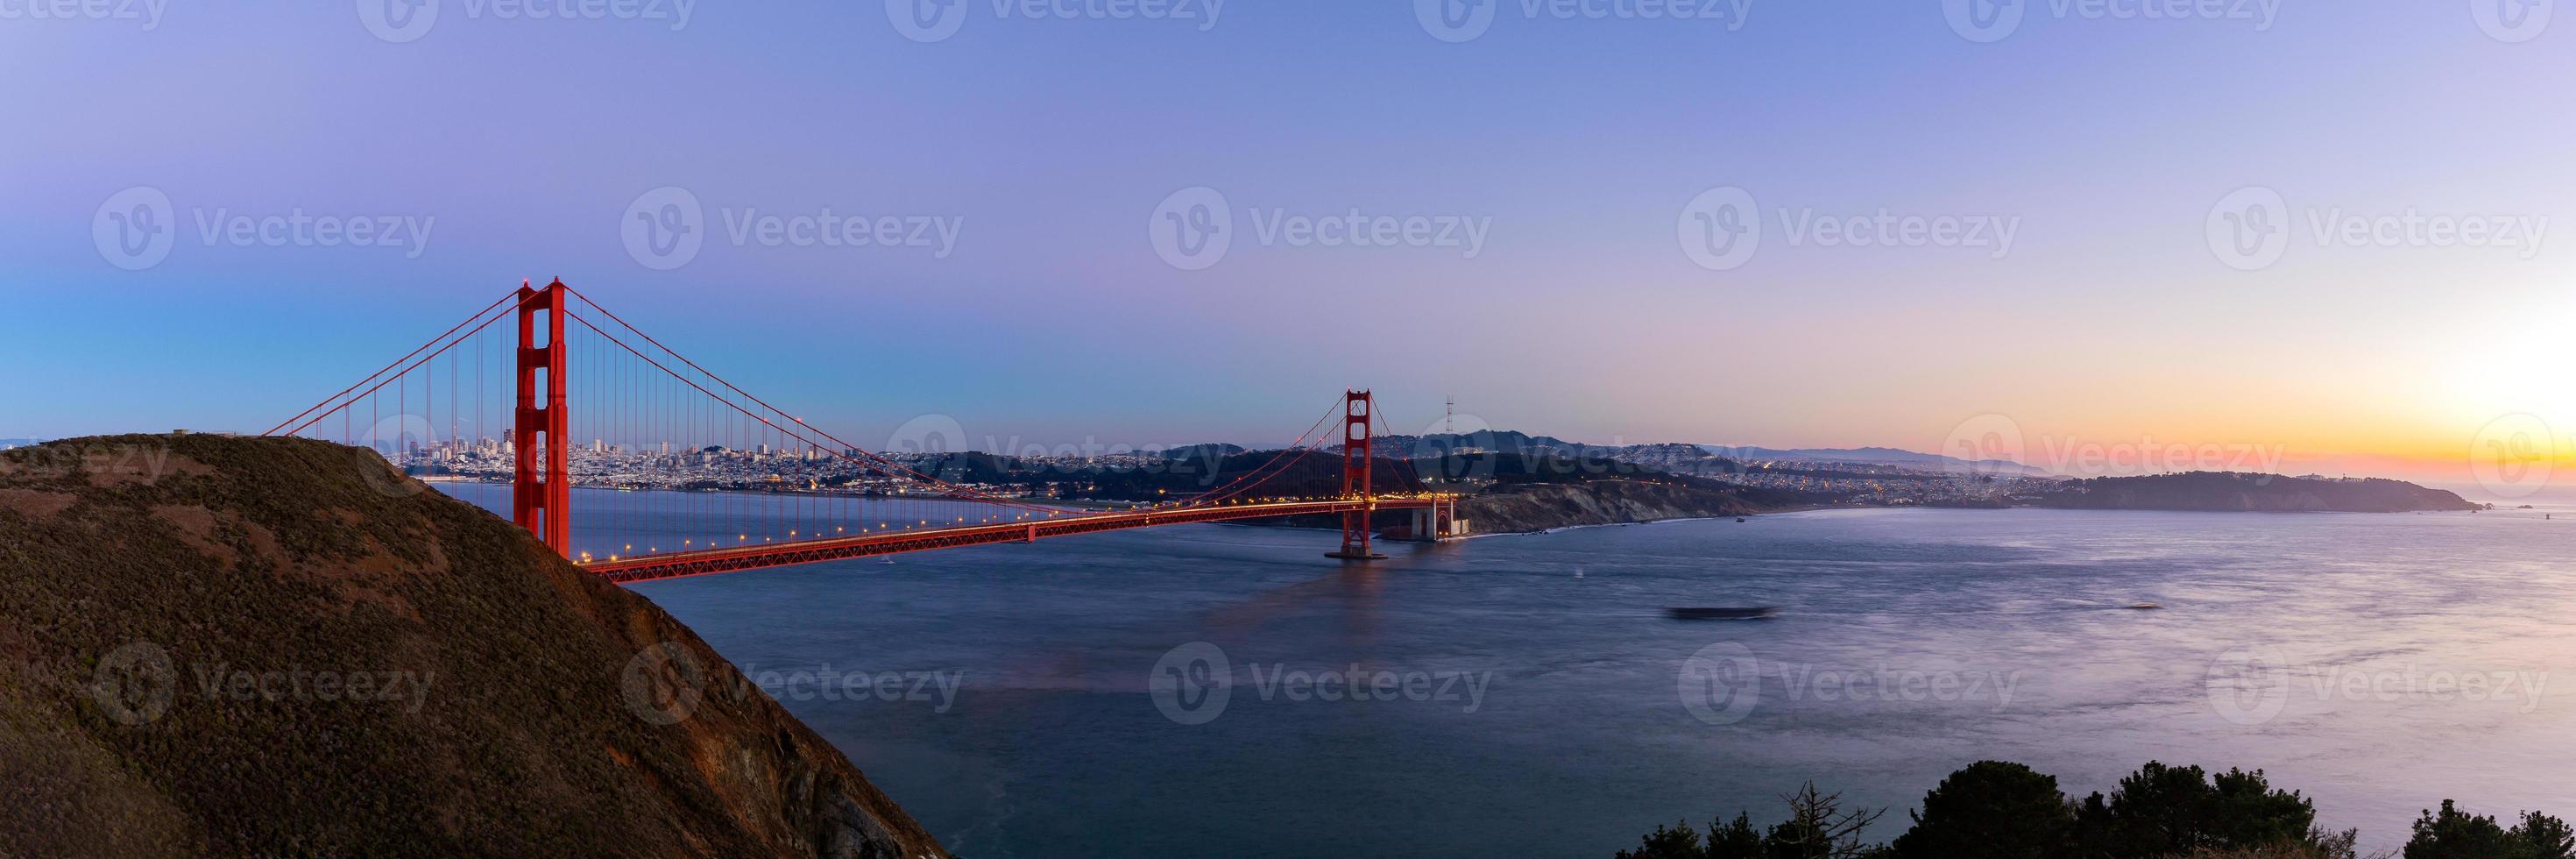 Vista panorámica del puente Golden Gate, San Francisco, EE. foto